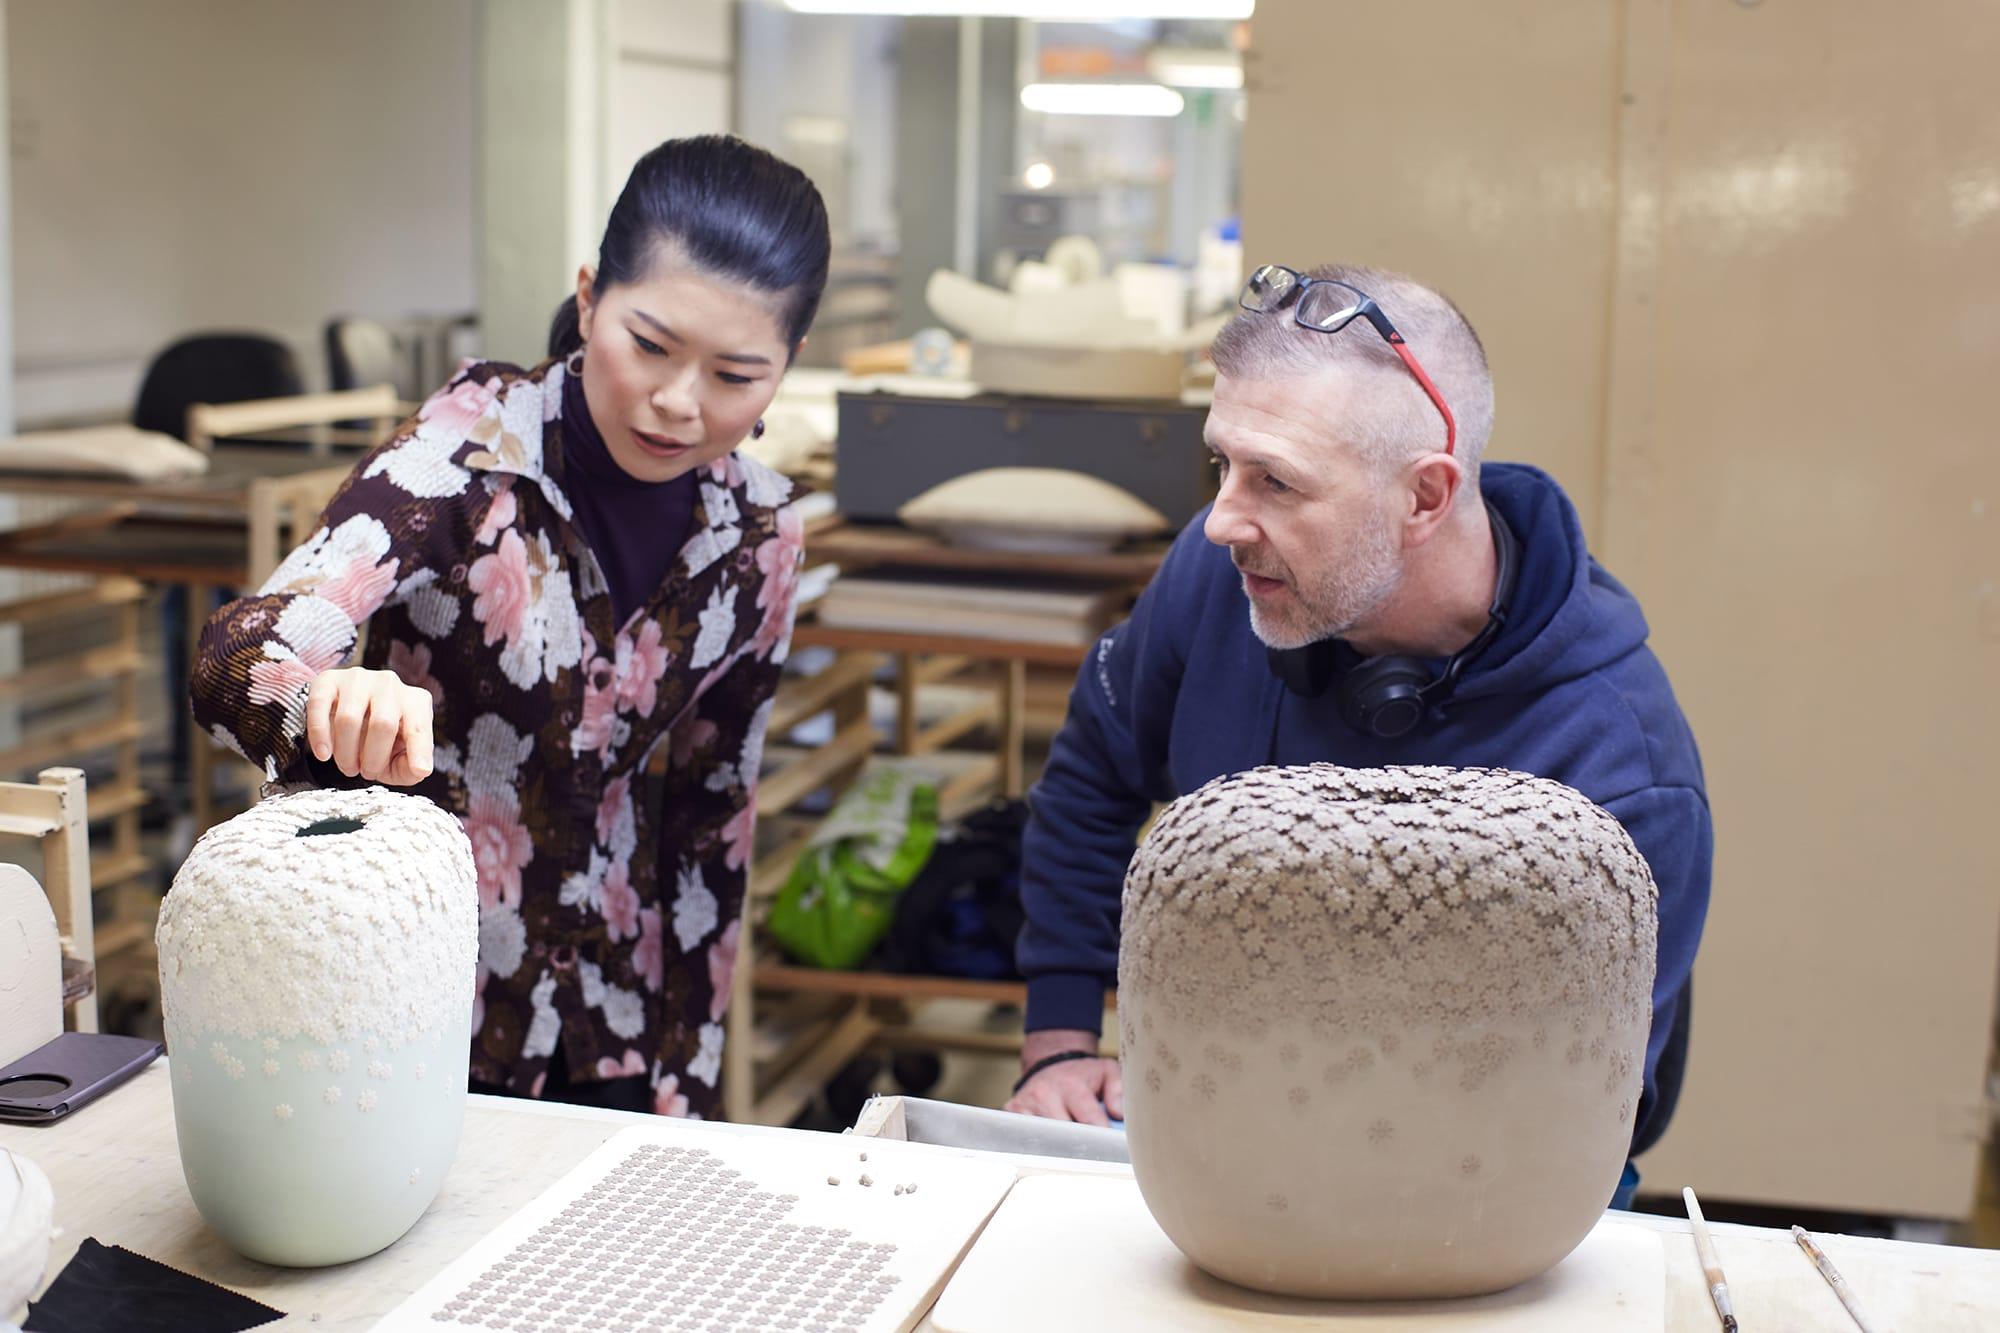 大英博物館やヴィクトリア&アルバートなどで作品が展示されている陶芸家、細野仁美氏。